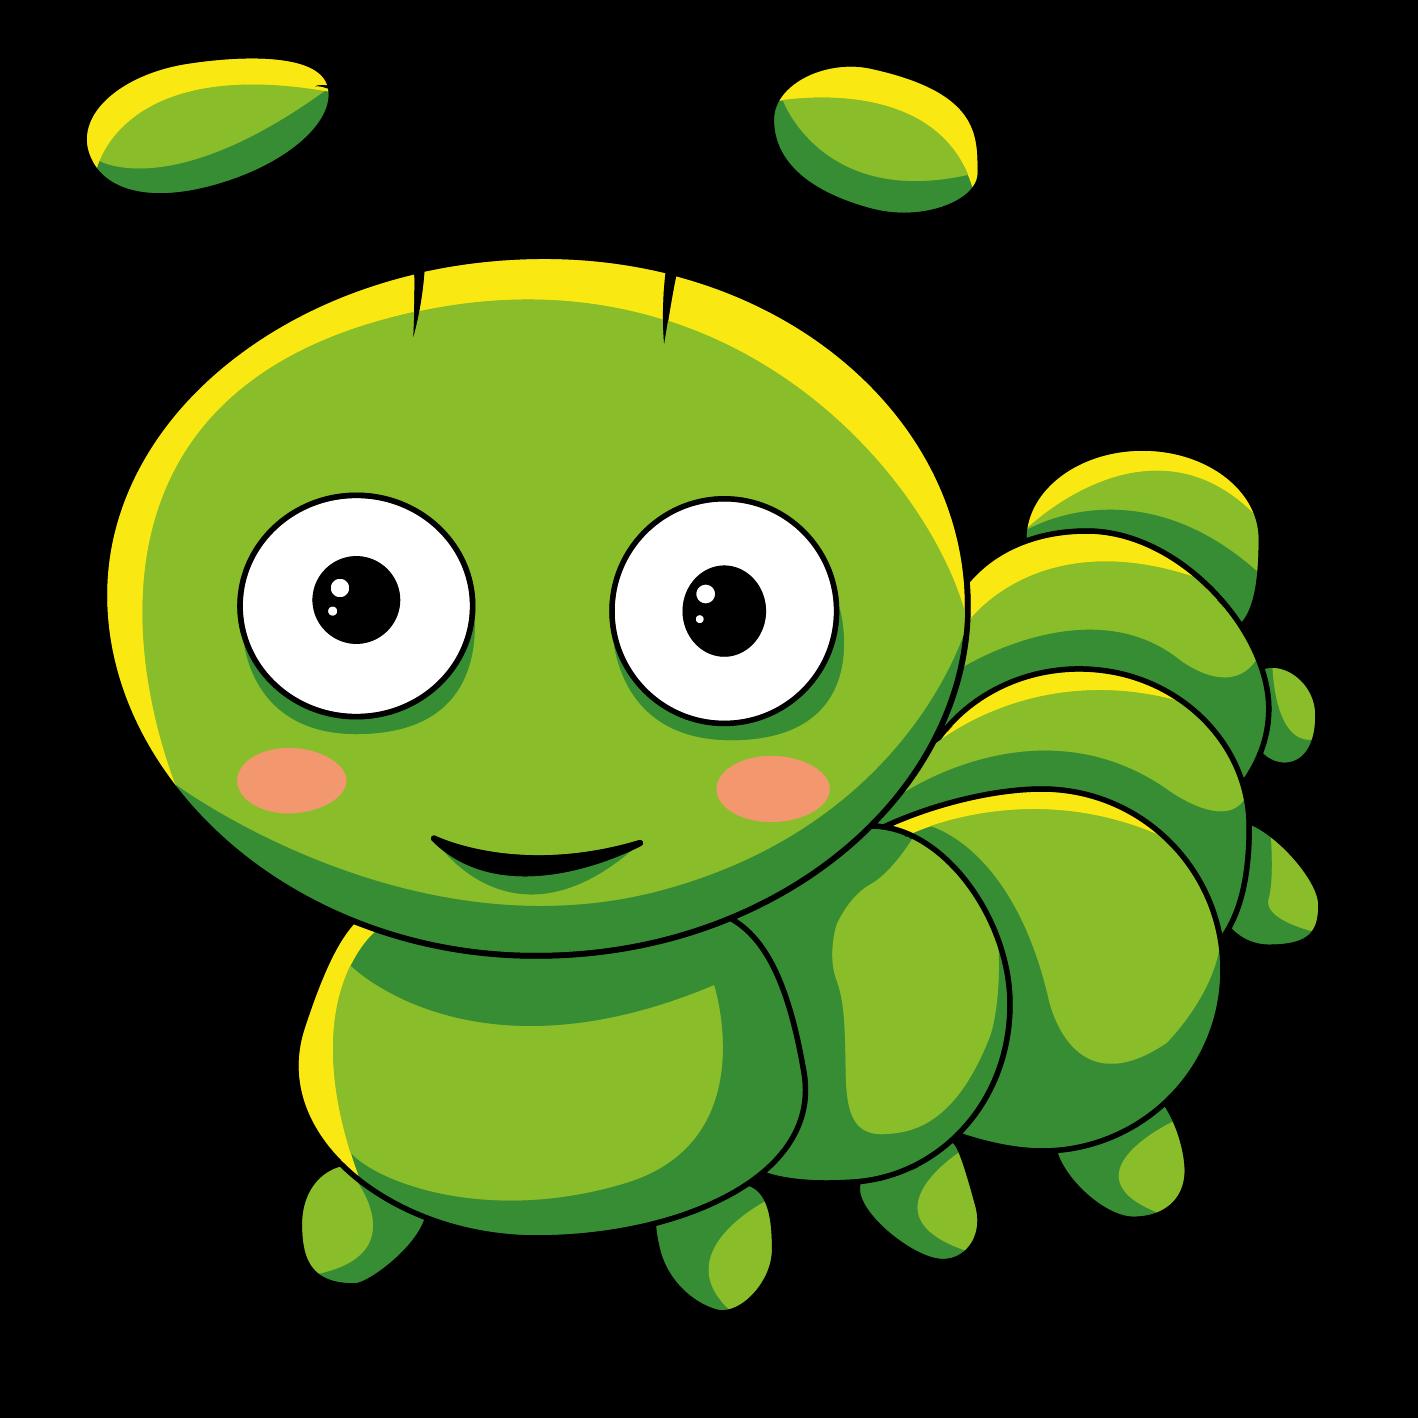 спа-центре мультяшные картинки головы гусеницы того